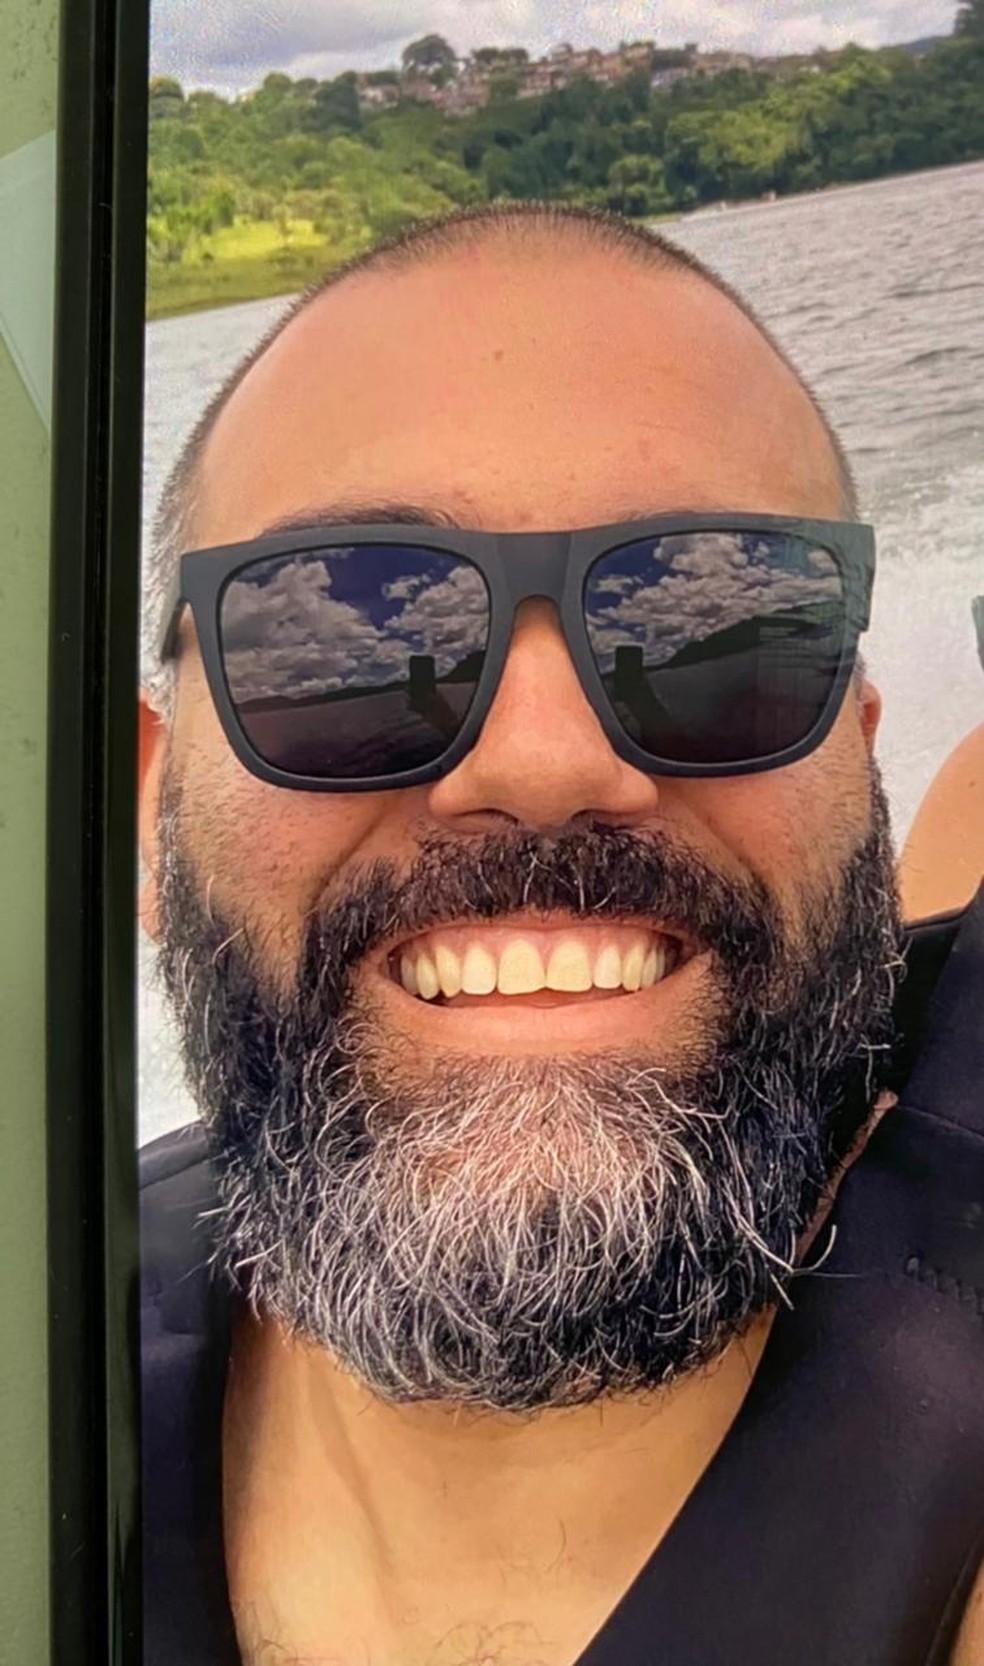 Carlos Alex Ribeiro de Souza